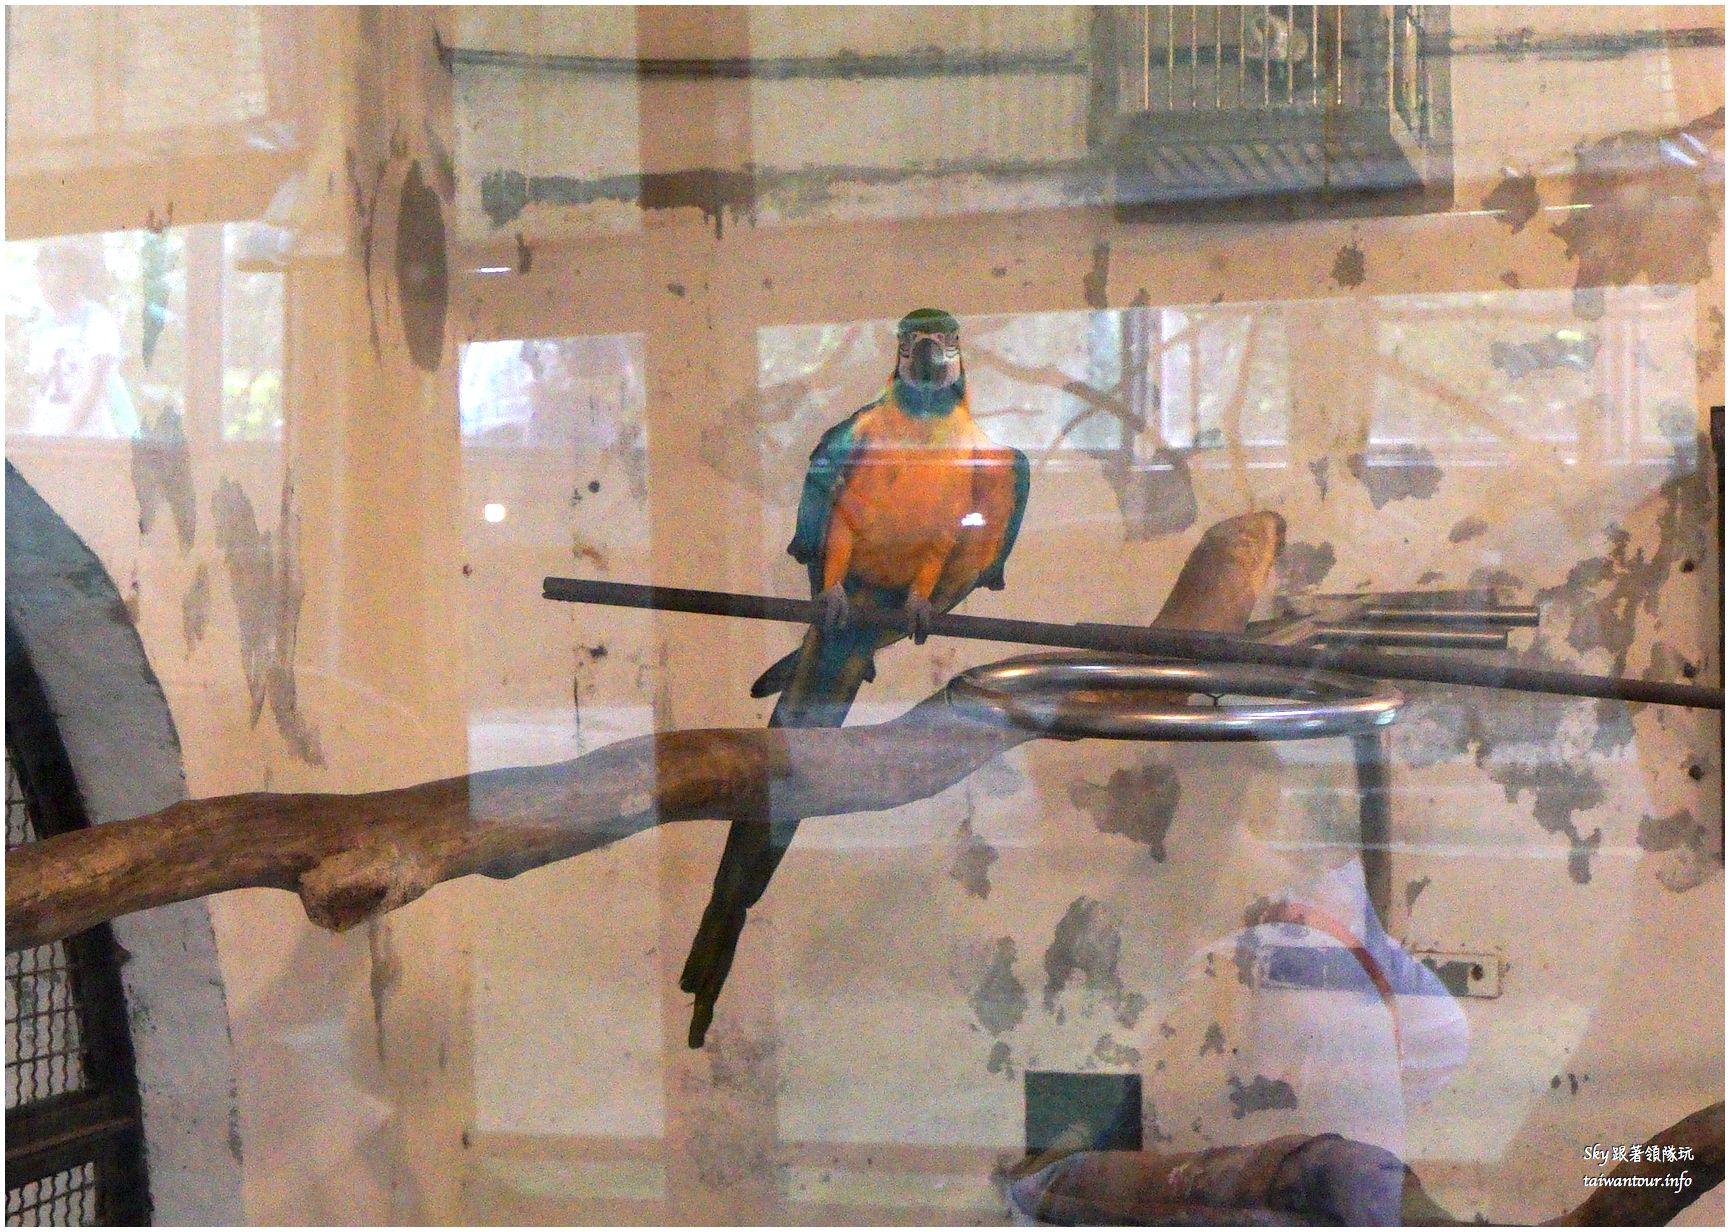 南投景點推薦鳳凰谷鳥園溜滑梯瀑布國立自然科學博物館DSC00297_结果